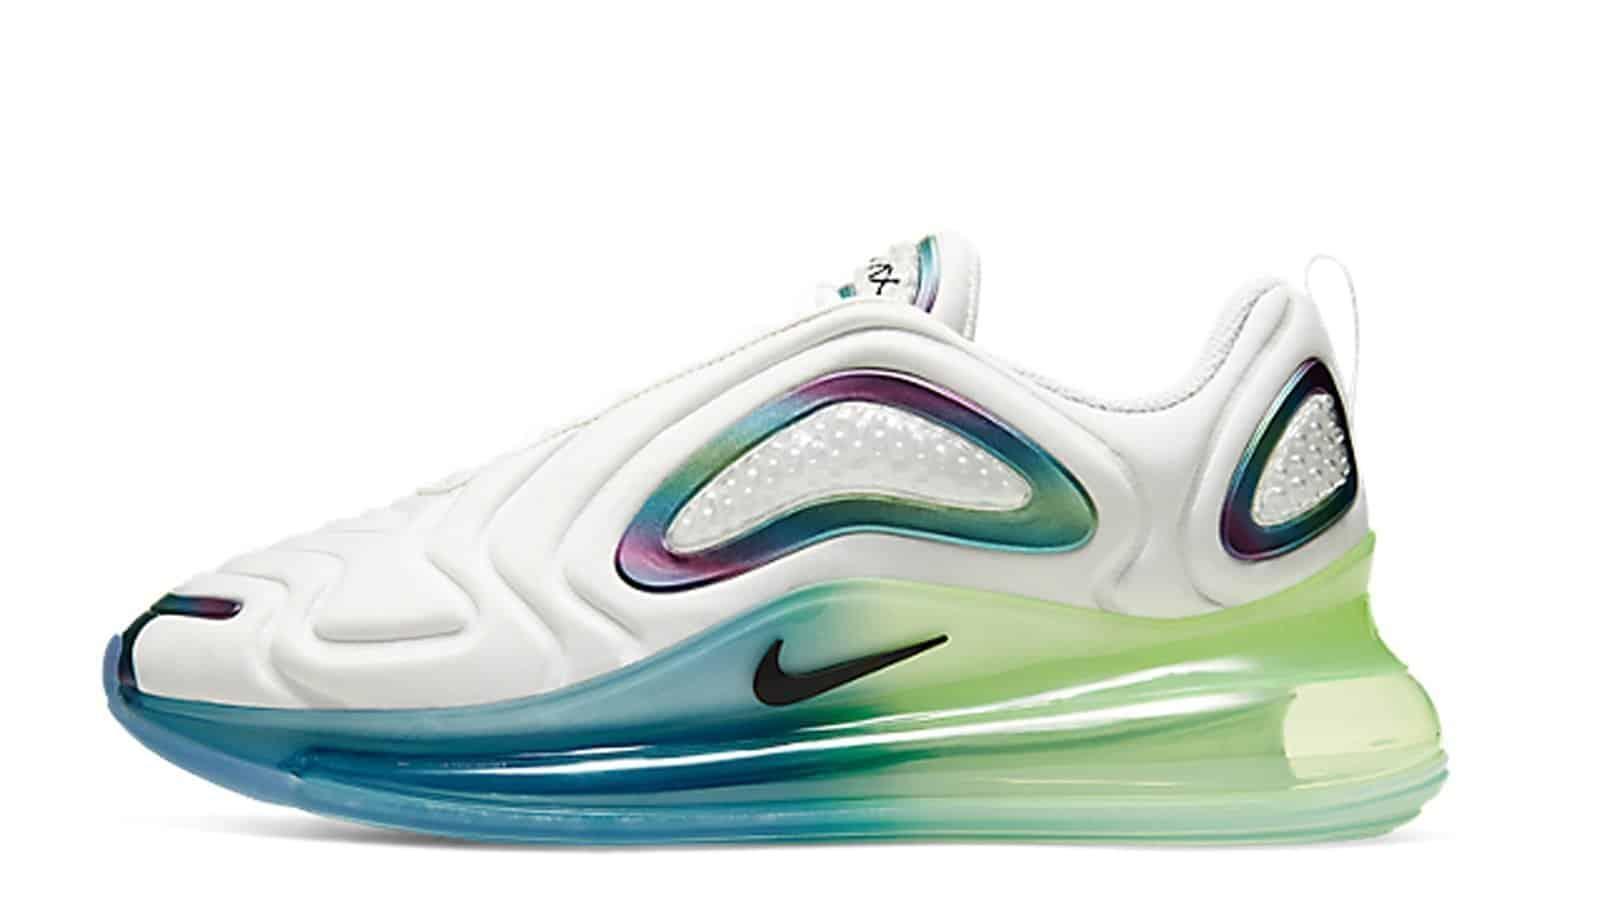 Nike Air Max 720 Bubbles White